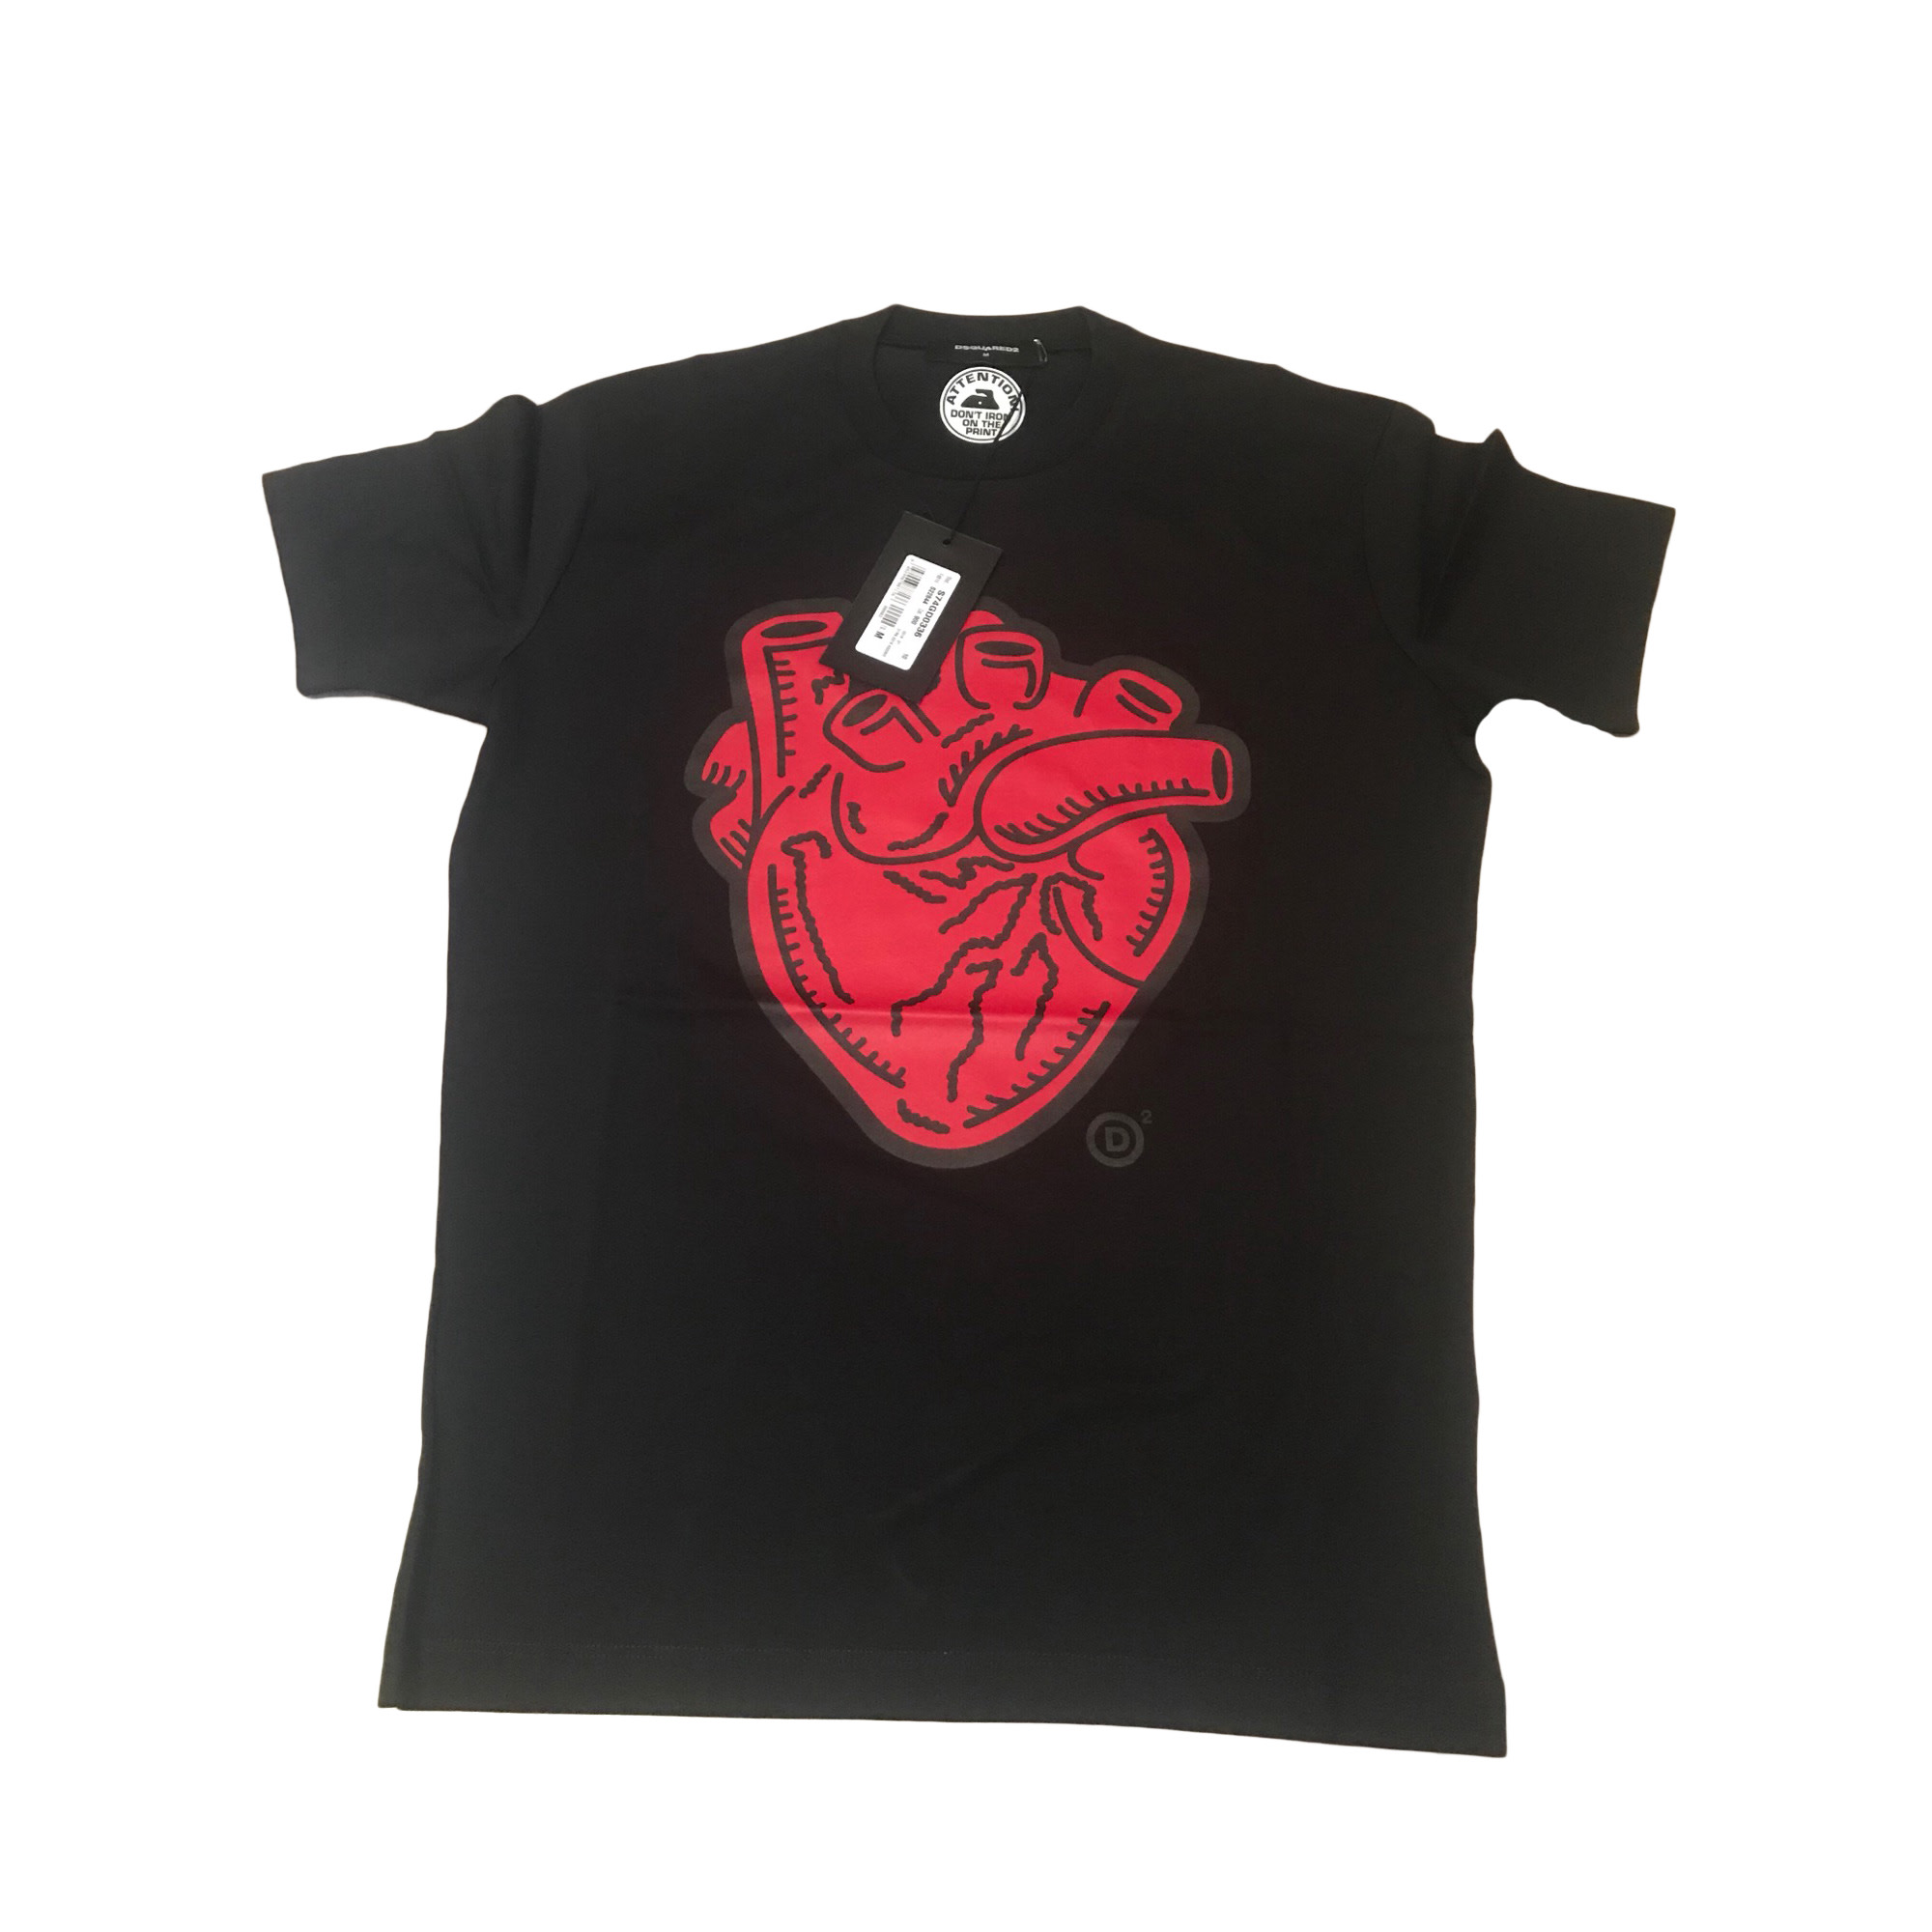 T-shirt DSQUARED2 Black